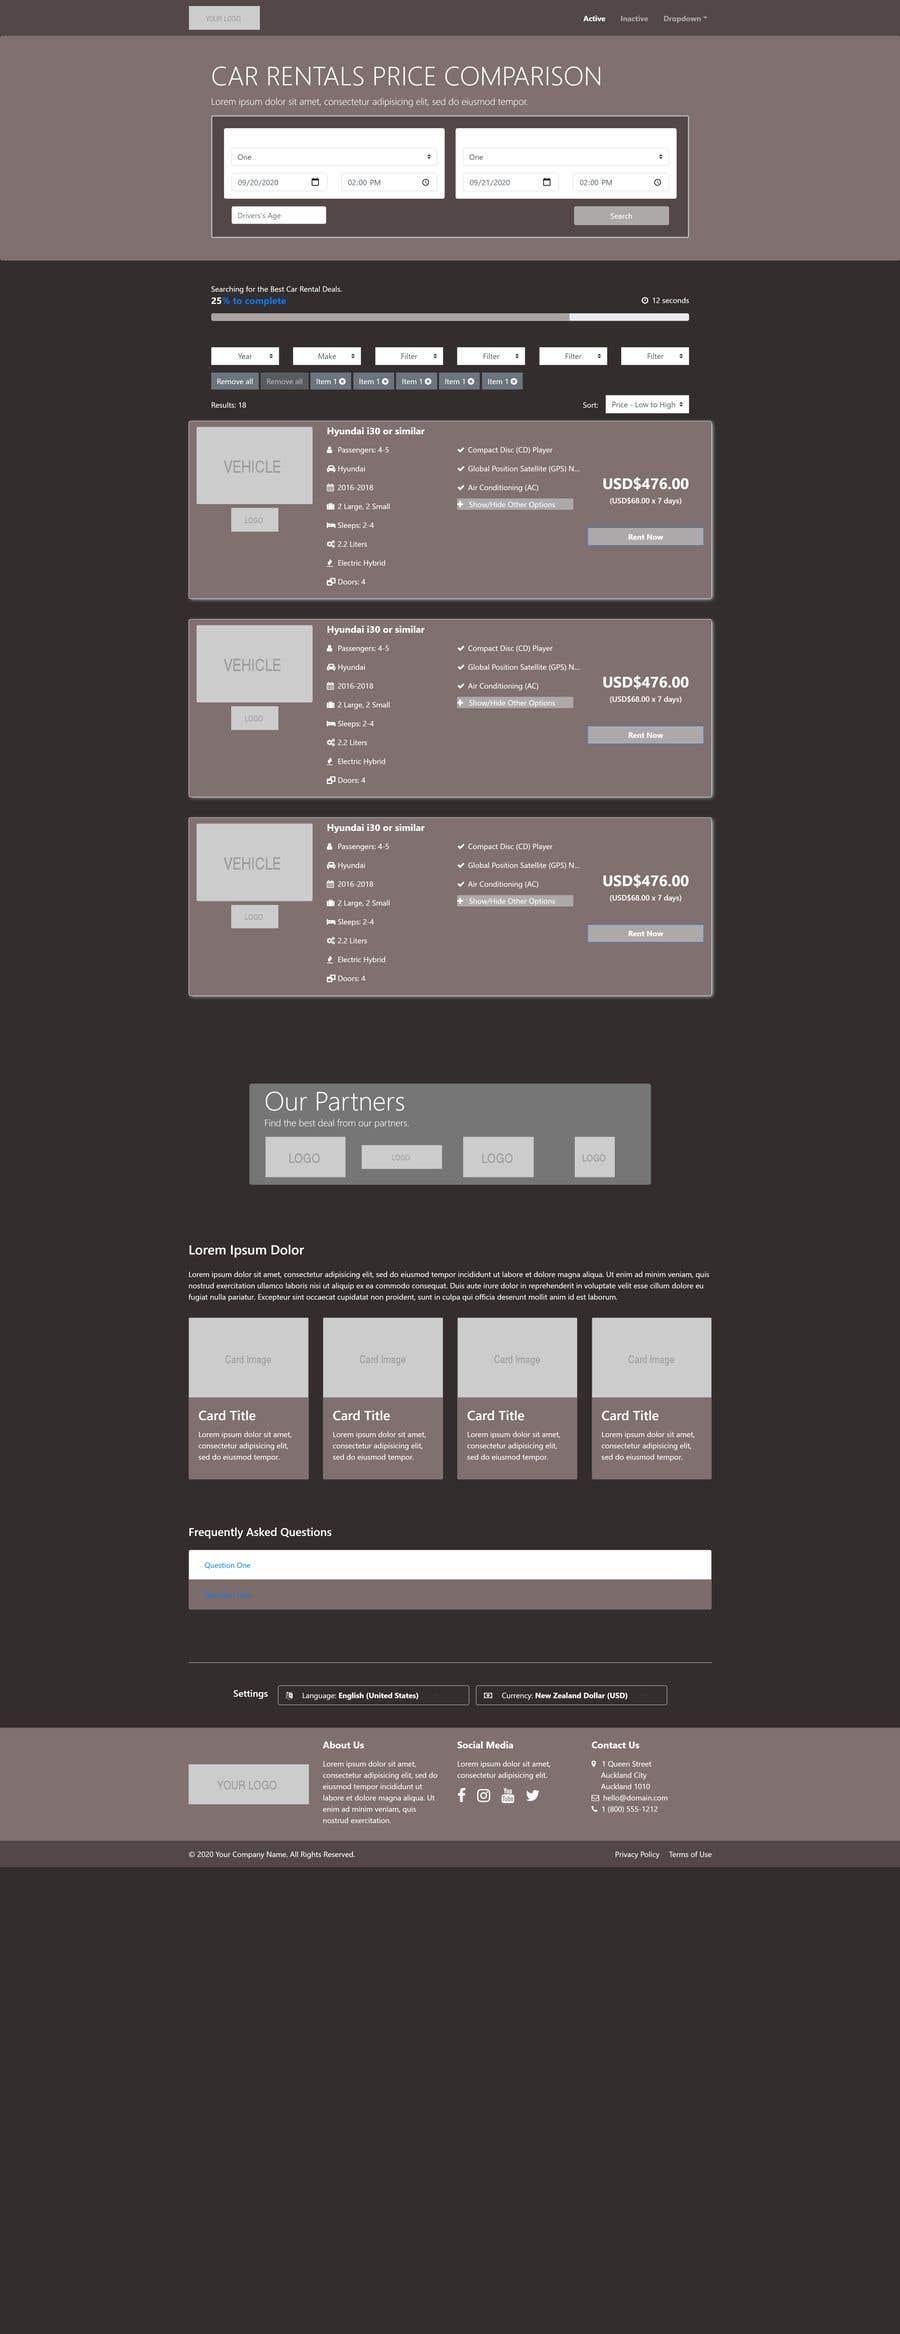 Bài tham dự cuộc thi #                                        29                                      cho                                         Front End Developer - 100% CSS Web Design